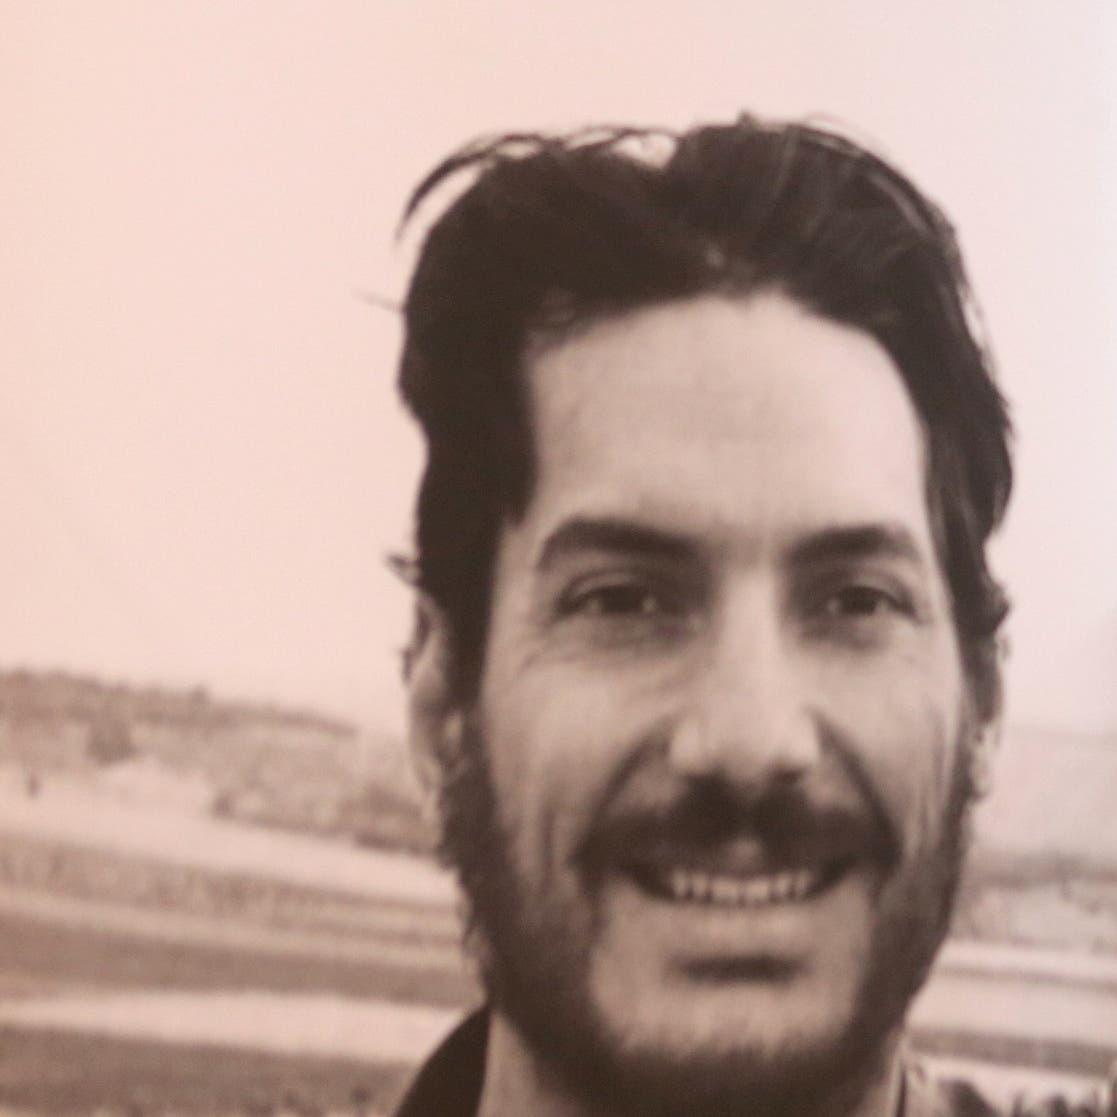 واشنطن تدعو نظام الأسد للإفراج عن الصحافي أوستن تايس